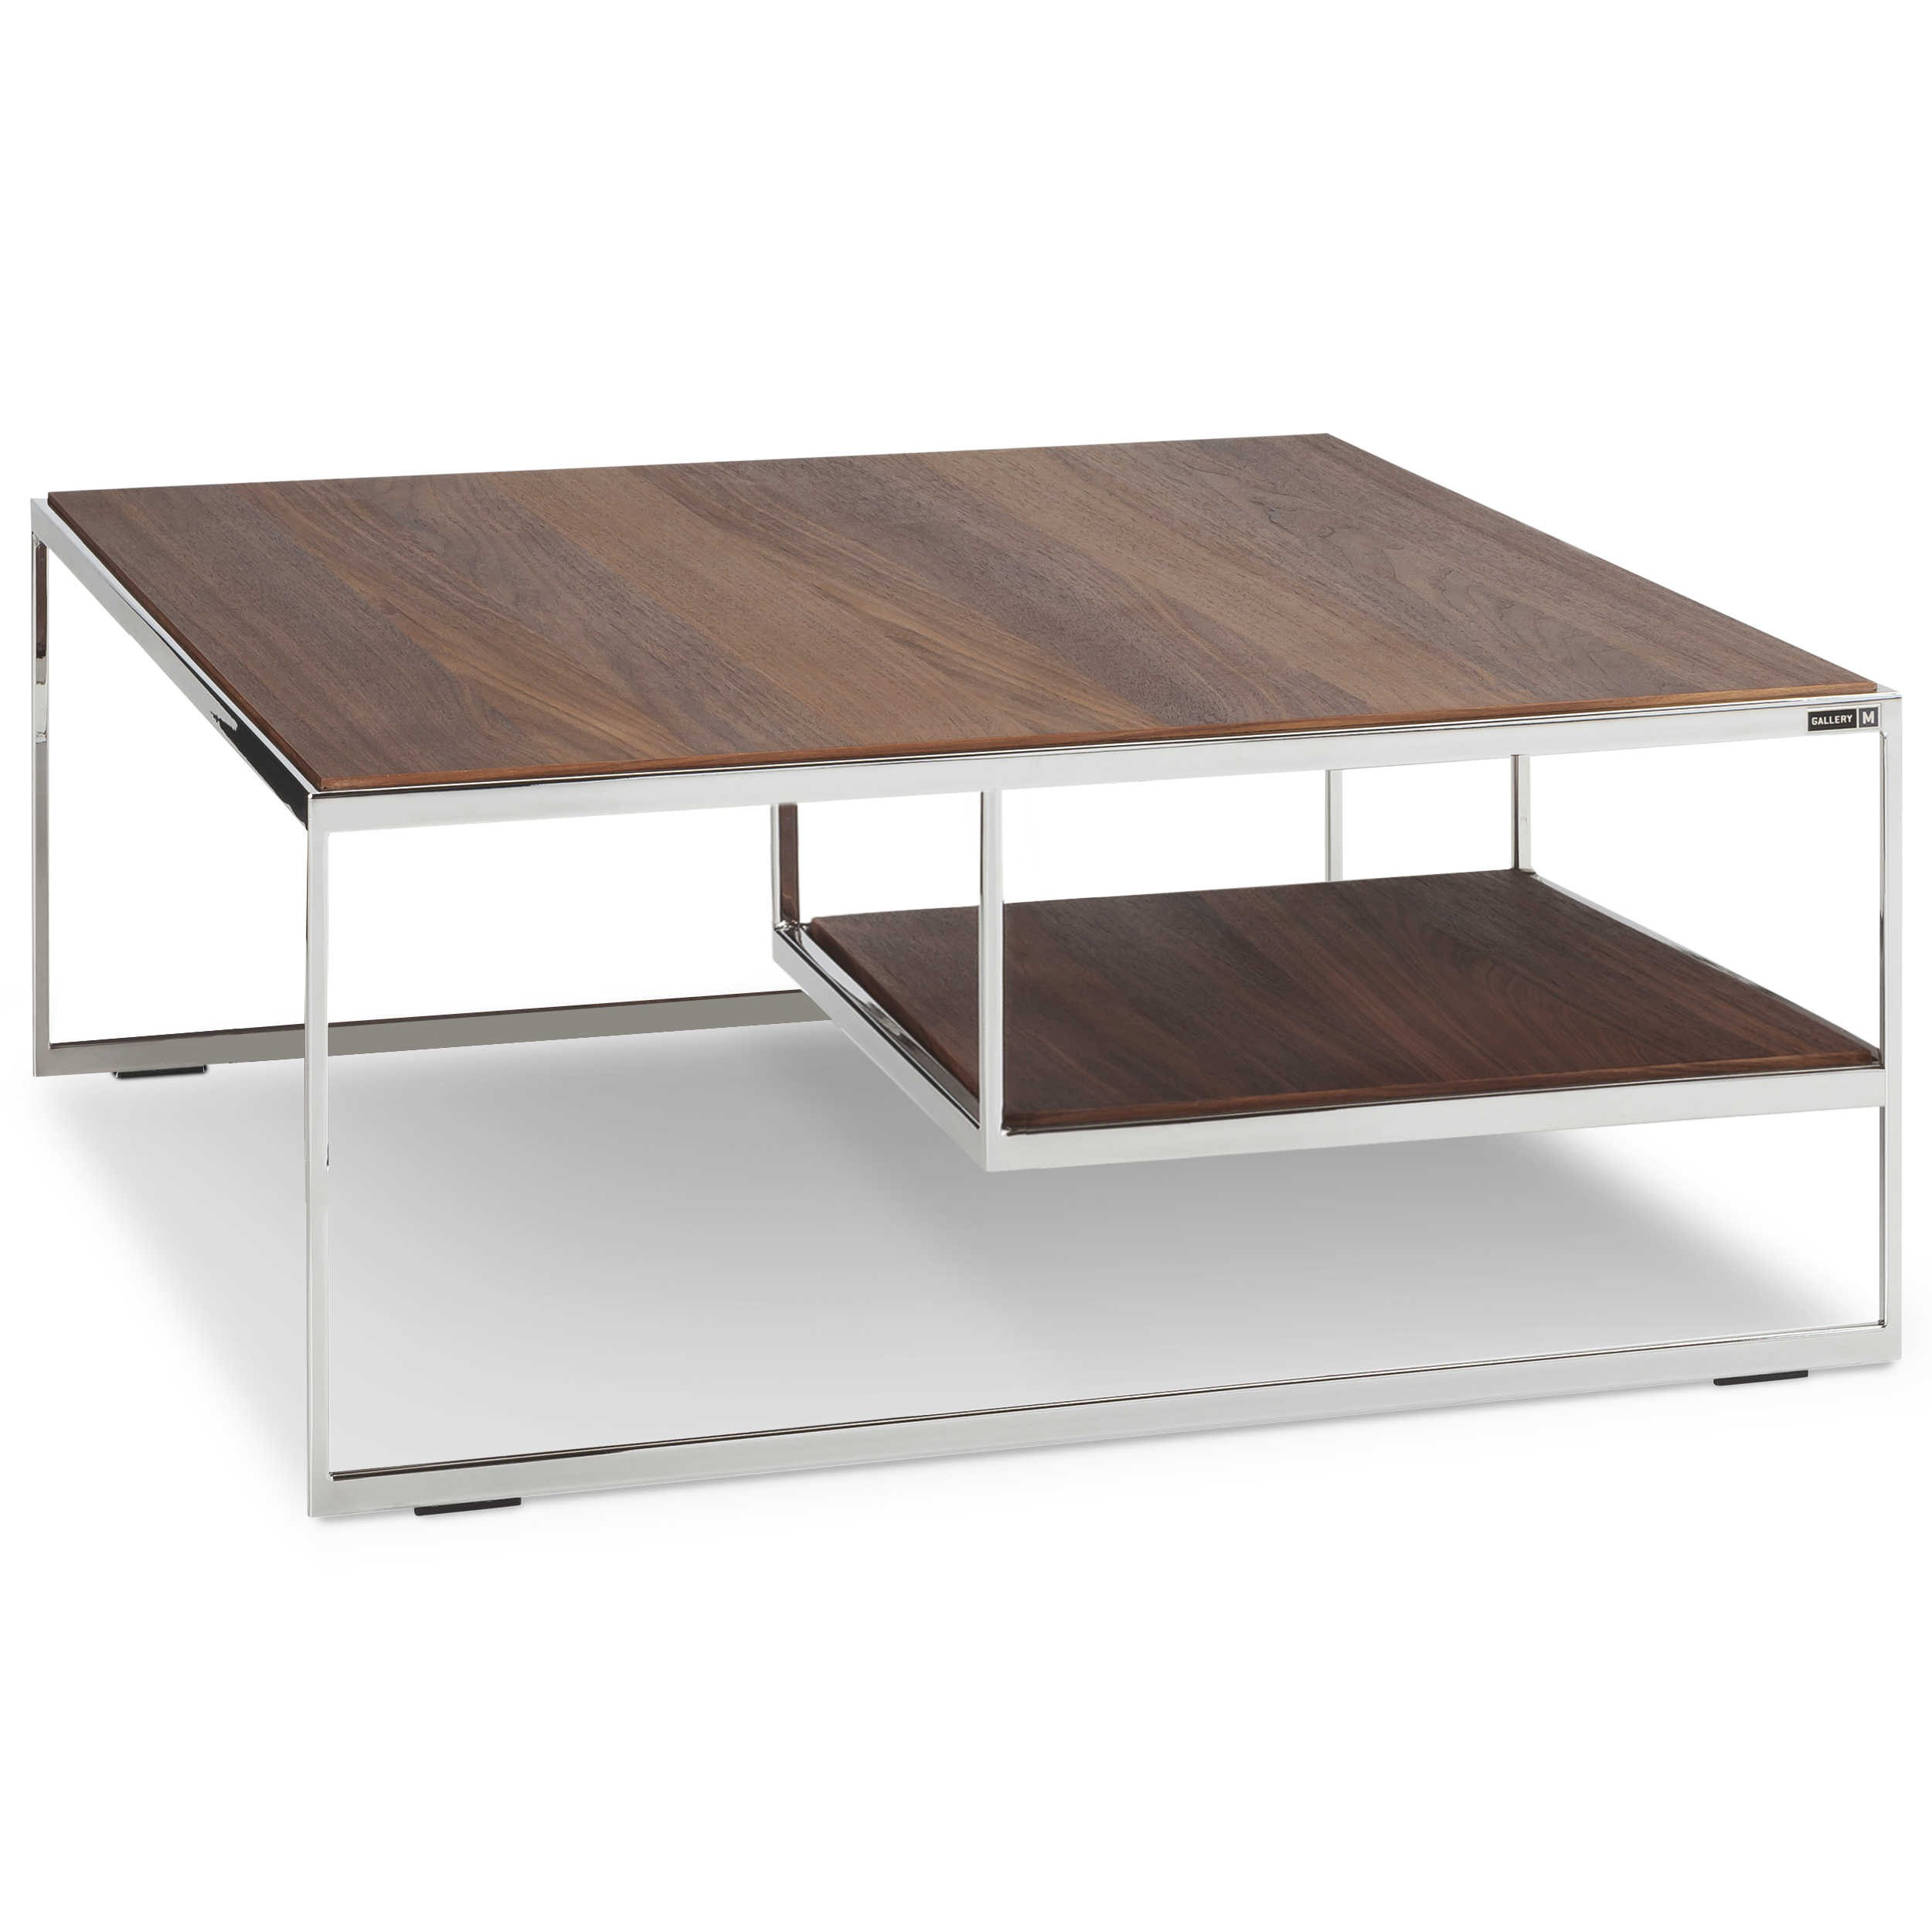 Gallery M Couchtisch Toscana T1503 Nuss Holz Online Kaufen Bei WOONIO